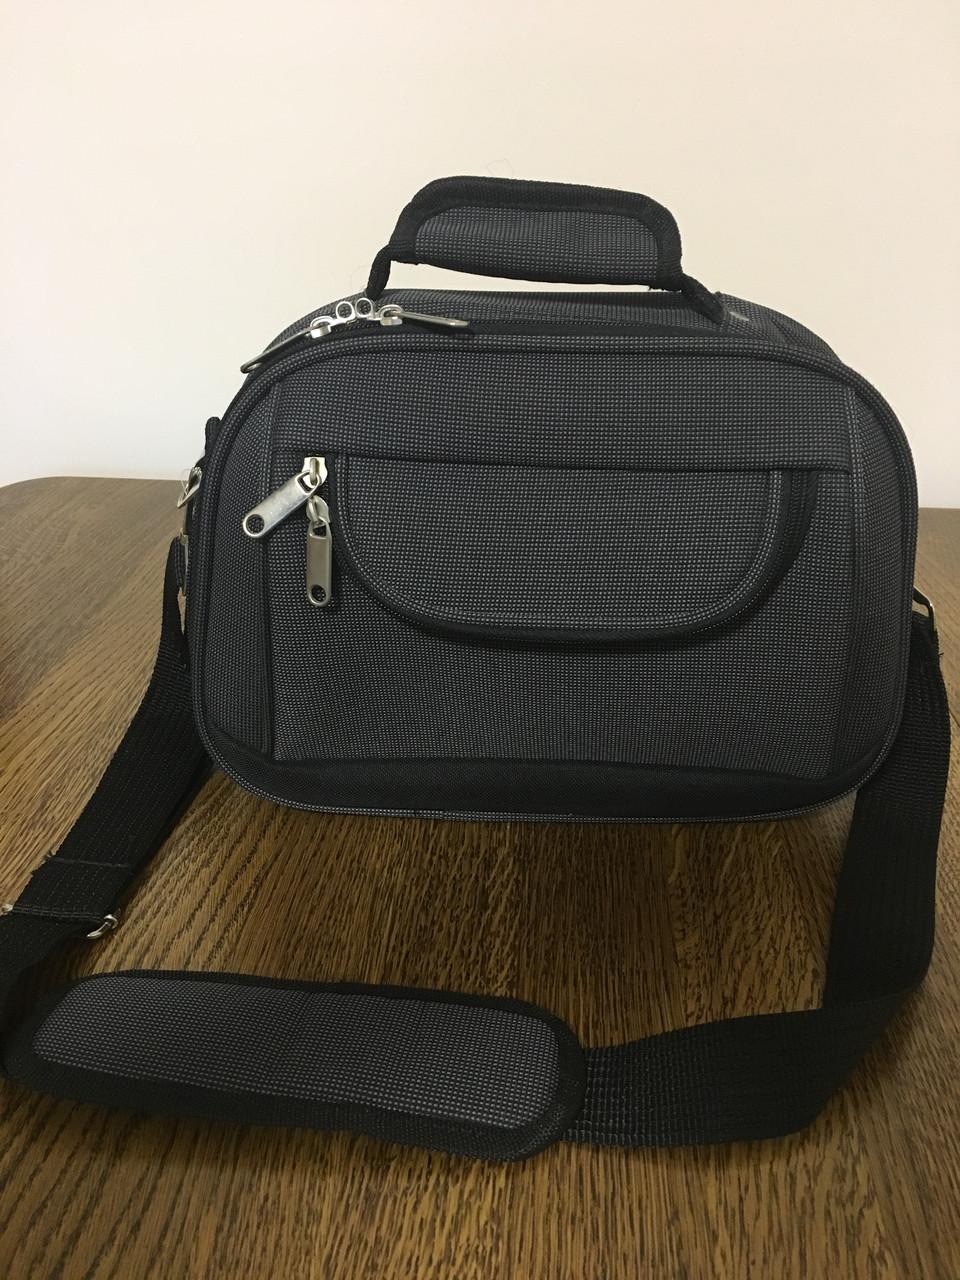 Мужская дорожная сумка через плечо Spare Parts